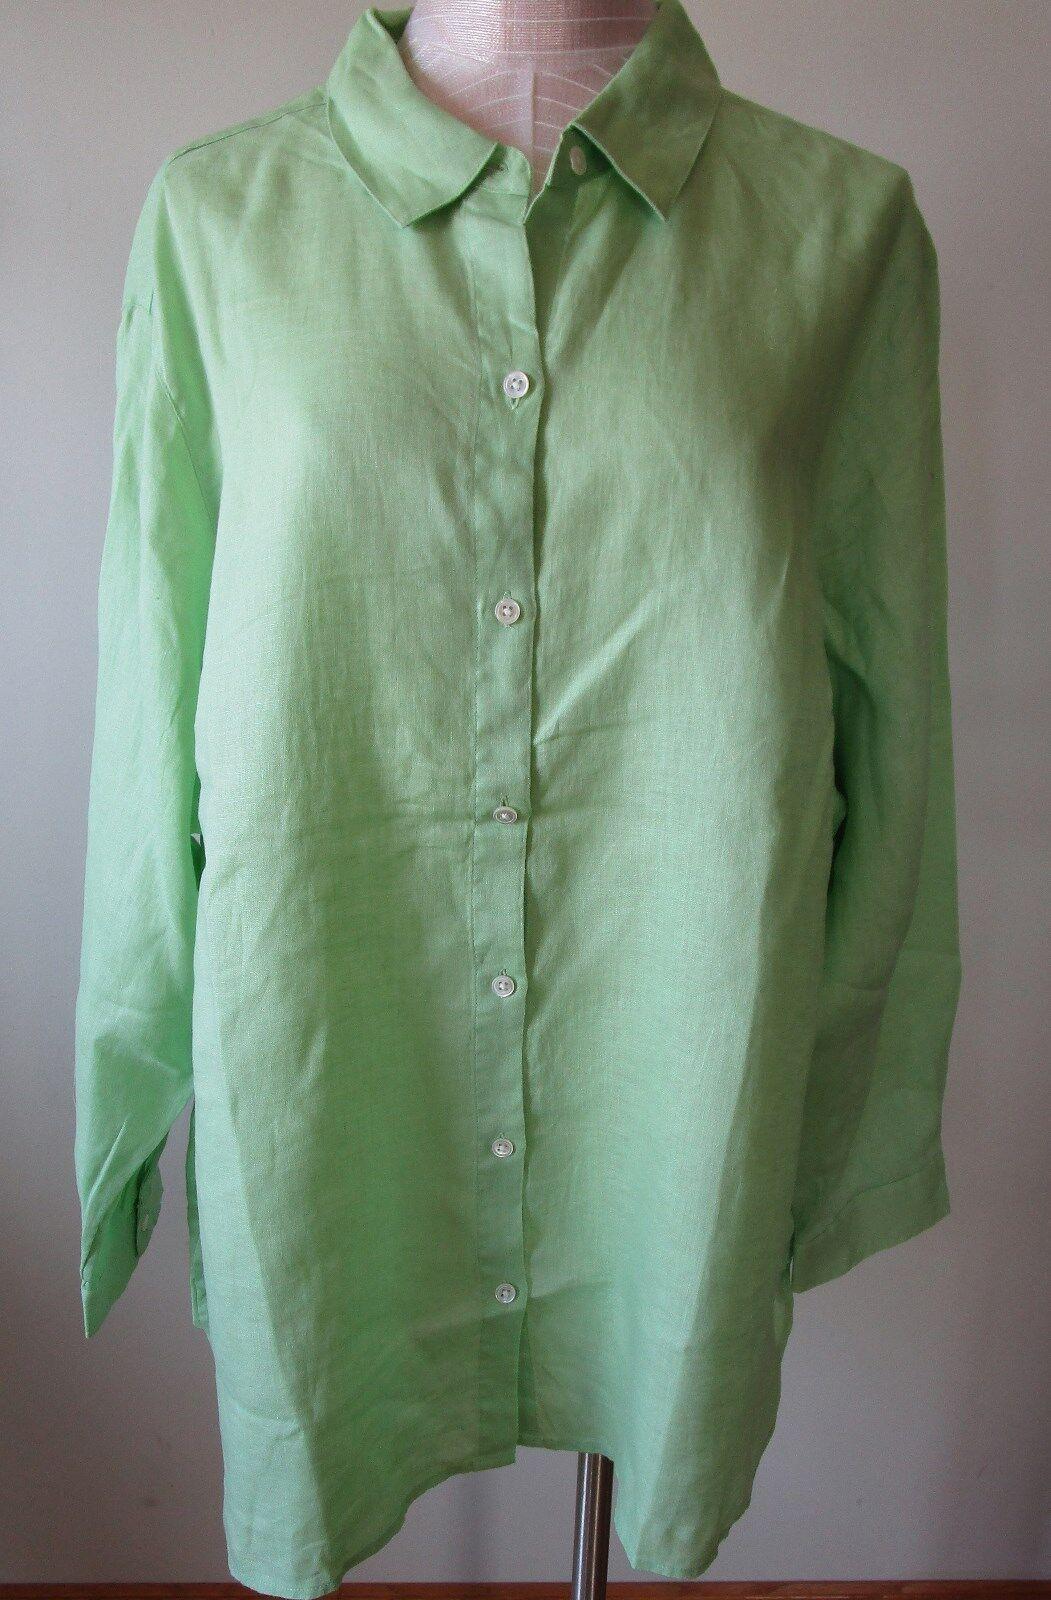 J.Jill     Linen   Big   shirt      3X     NWT      Grün